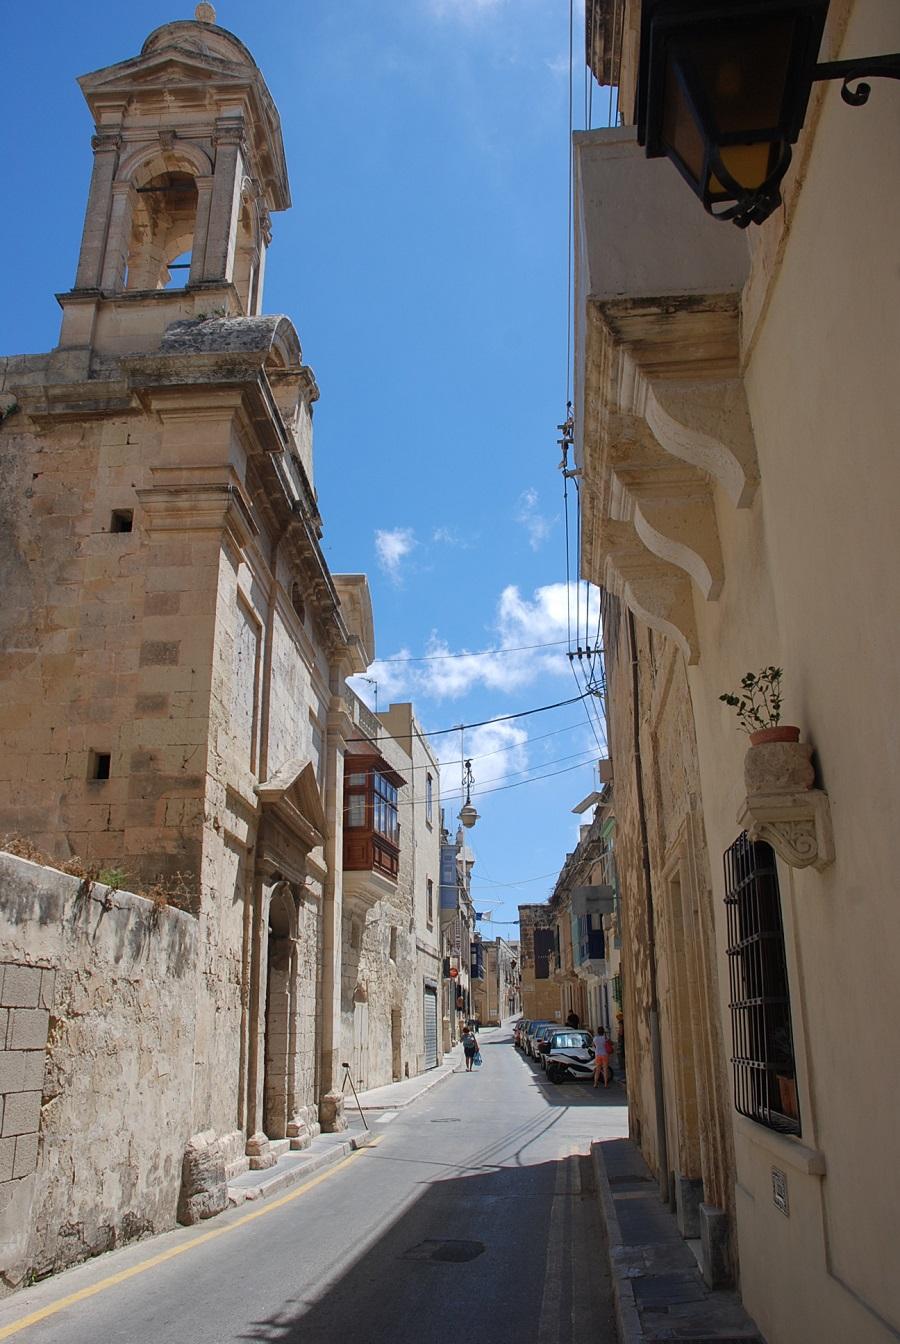 travelblog-moldova-malta (1)